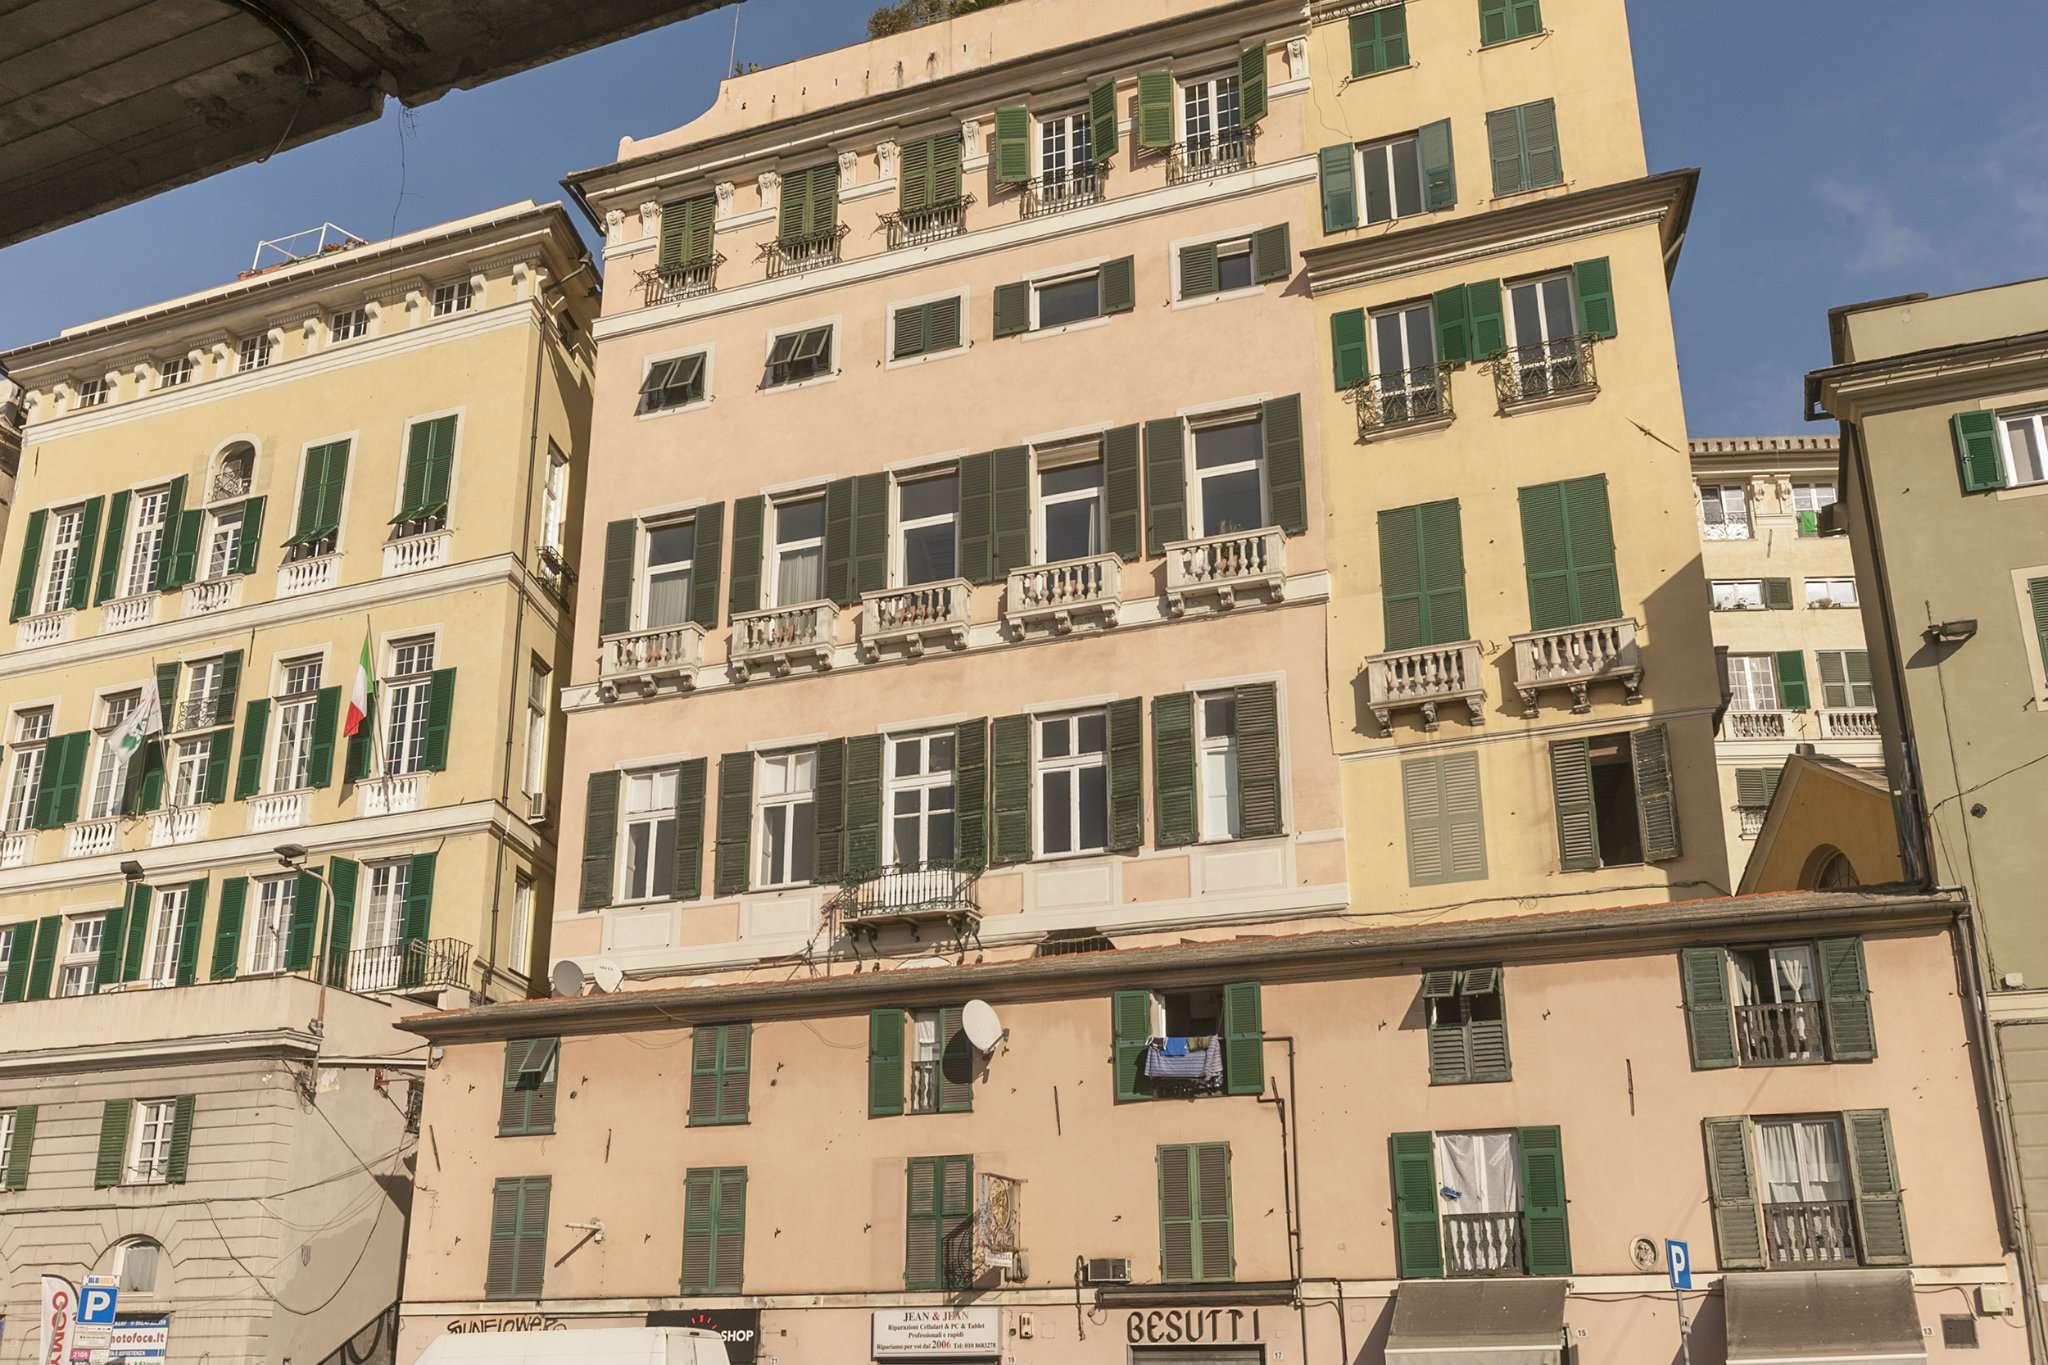 Foto 4 di Loft piazza san marcellino 2, Genova (zona Centro, Centro Storico)